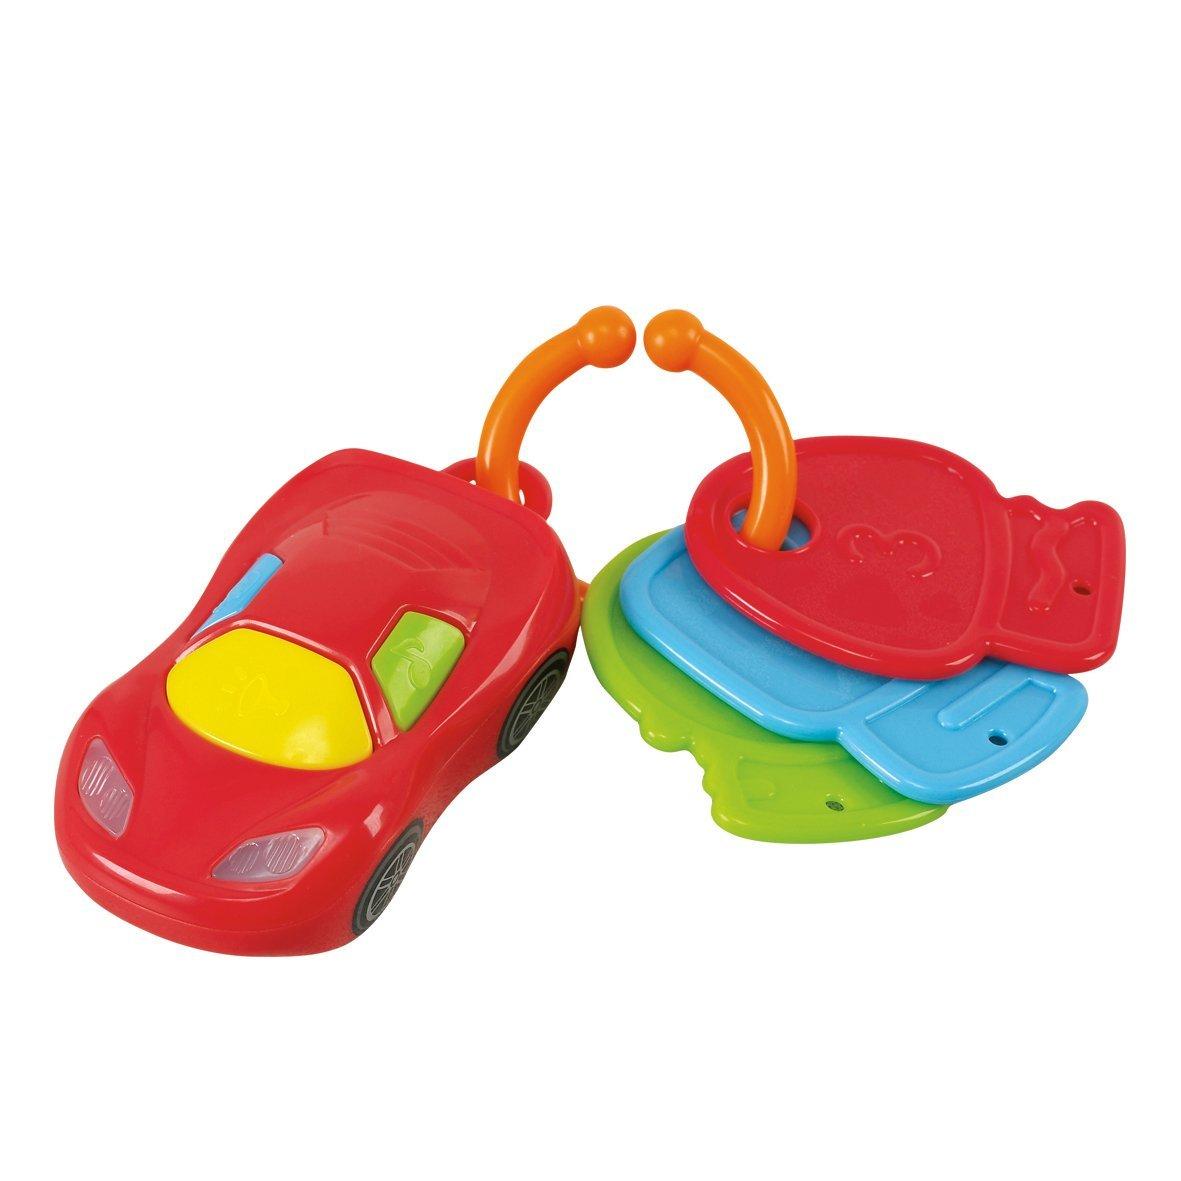 Брелок с ключамиРазвивающие игрушки PlayGo<br>Брелок с ключами<br>